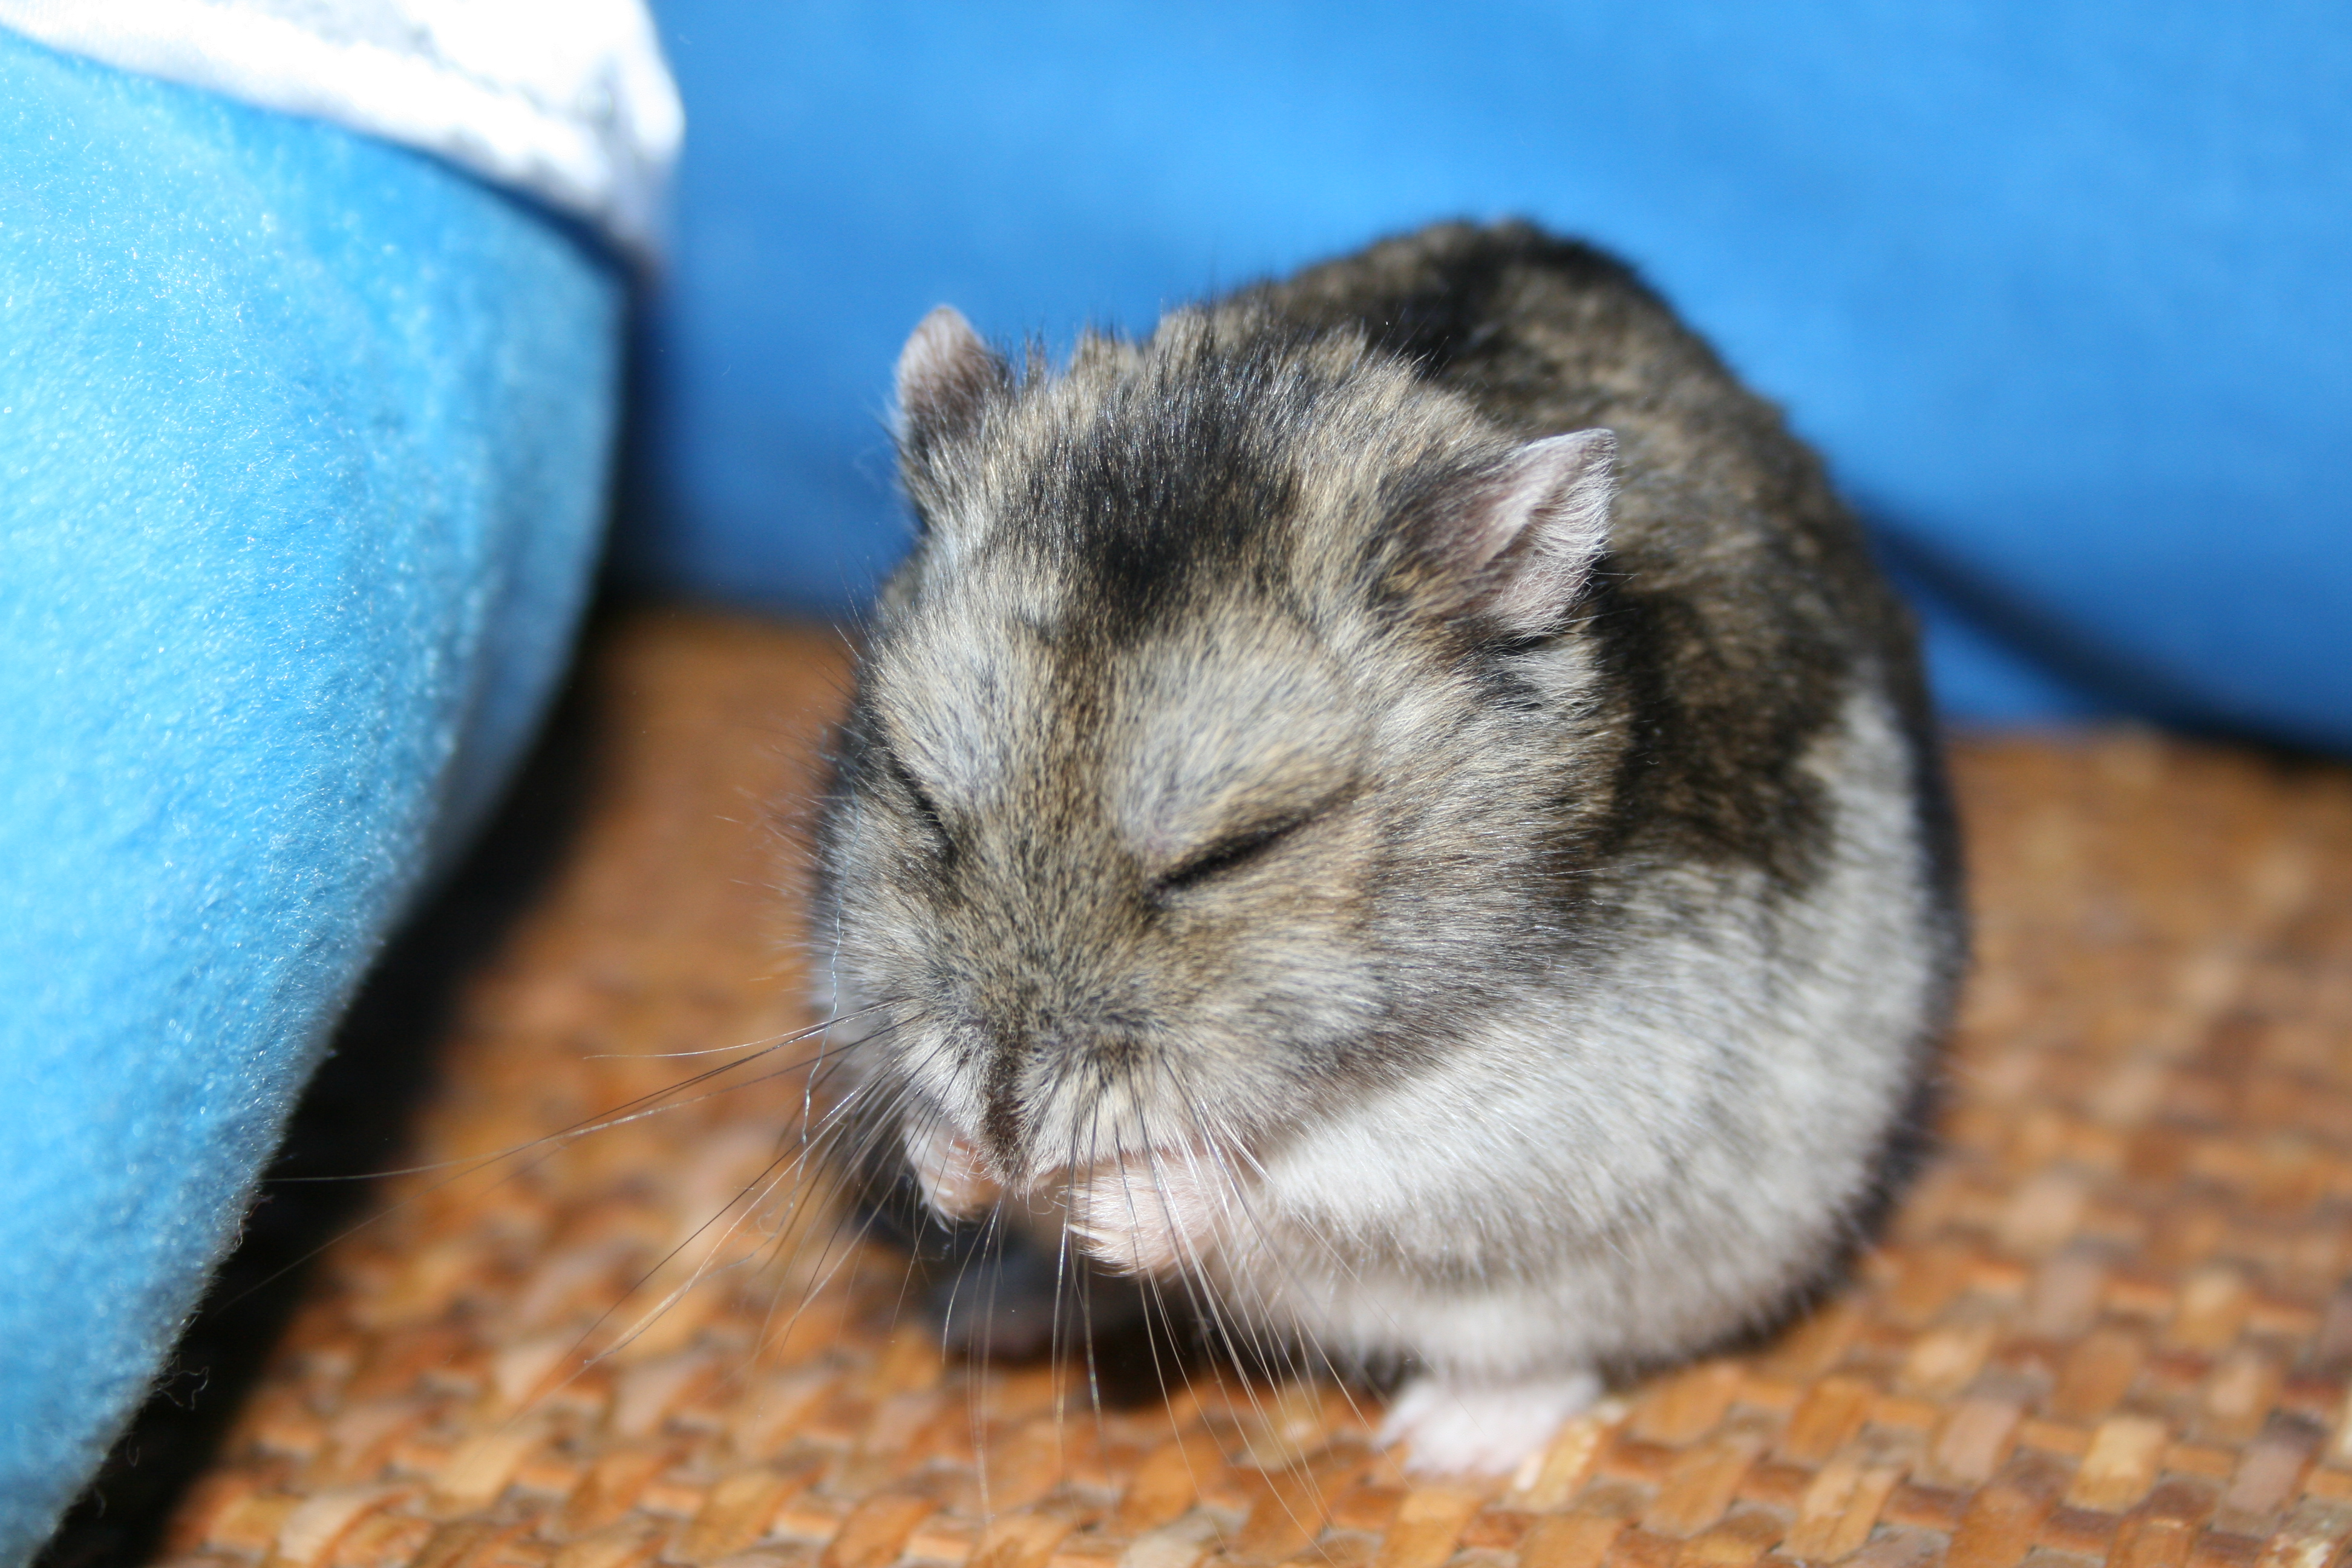 画像 : 愛すべきジャンガリアンハムスター 飼育のコツとかわいい画像